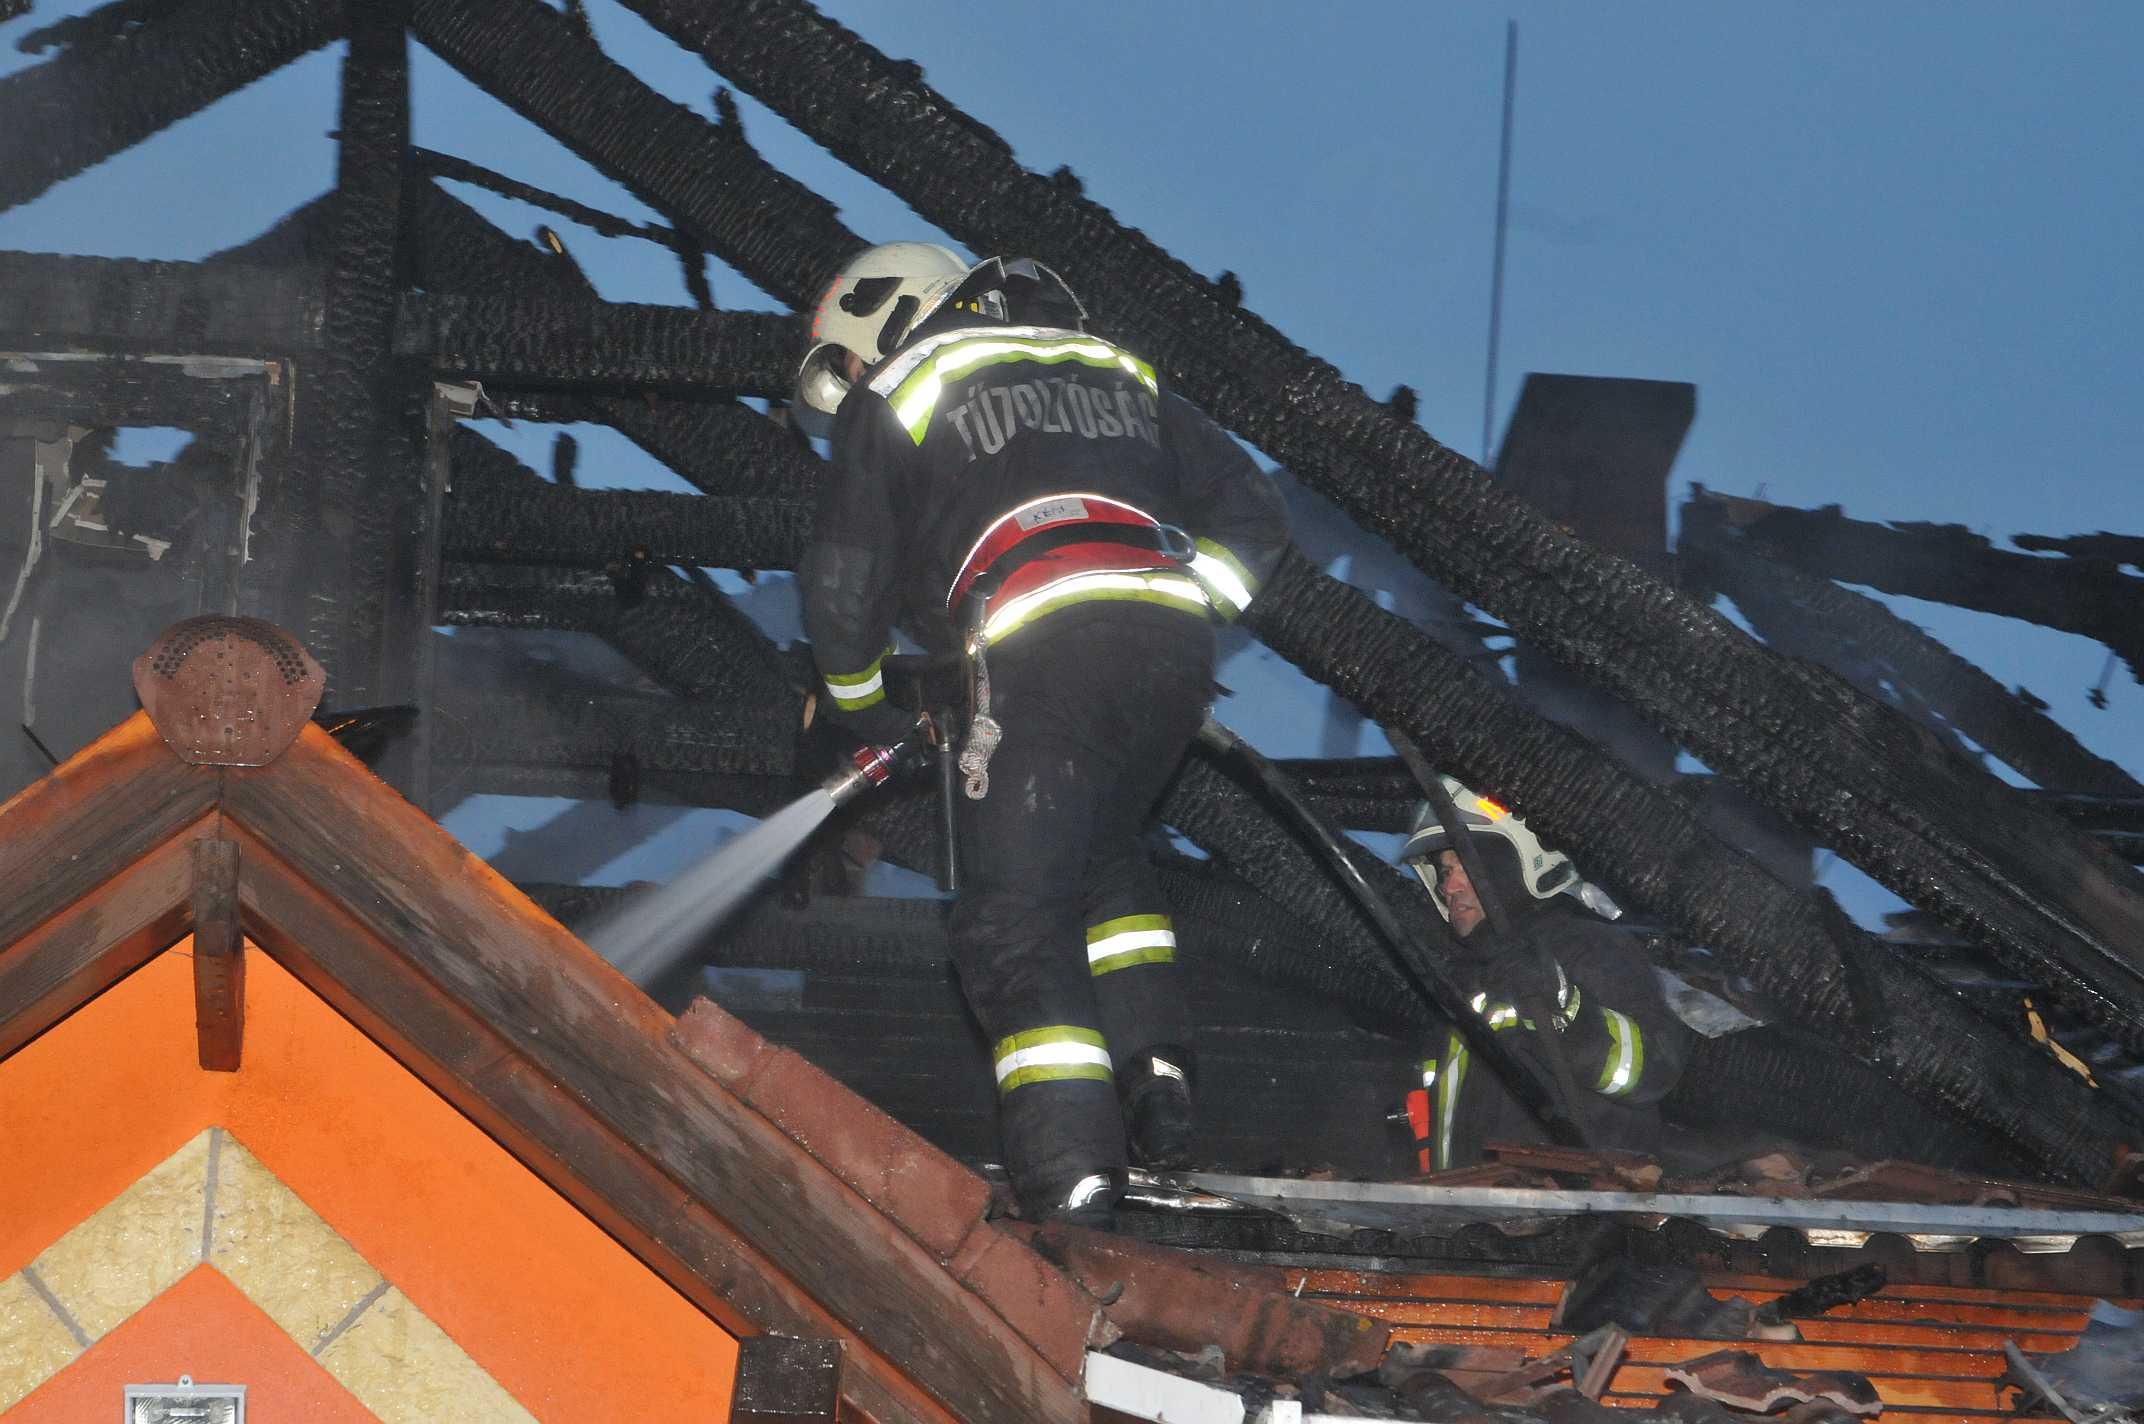 Kigyulladt a ház, tűzoltók mentették ki a lakót